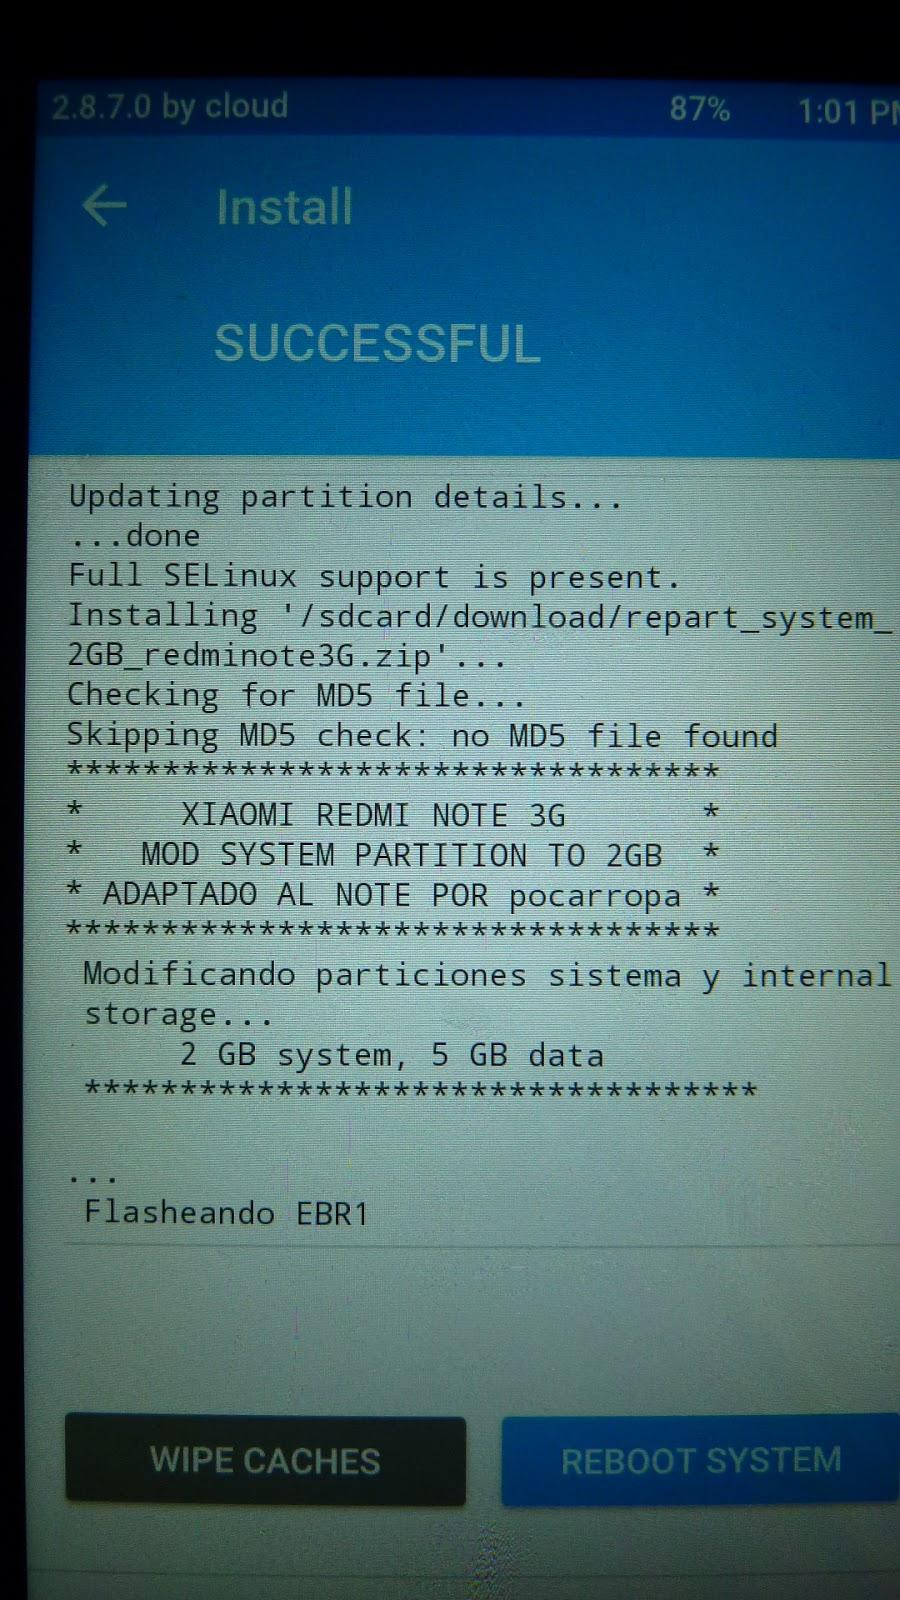 Cómo instalar MIUI 8 en un Xiaomi Redmi Note - npirtube